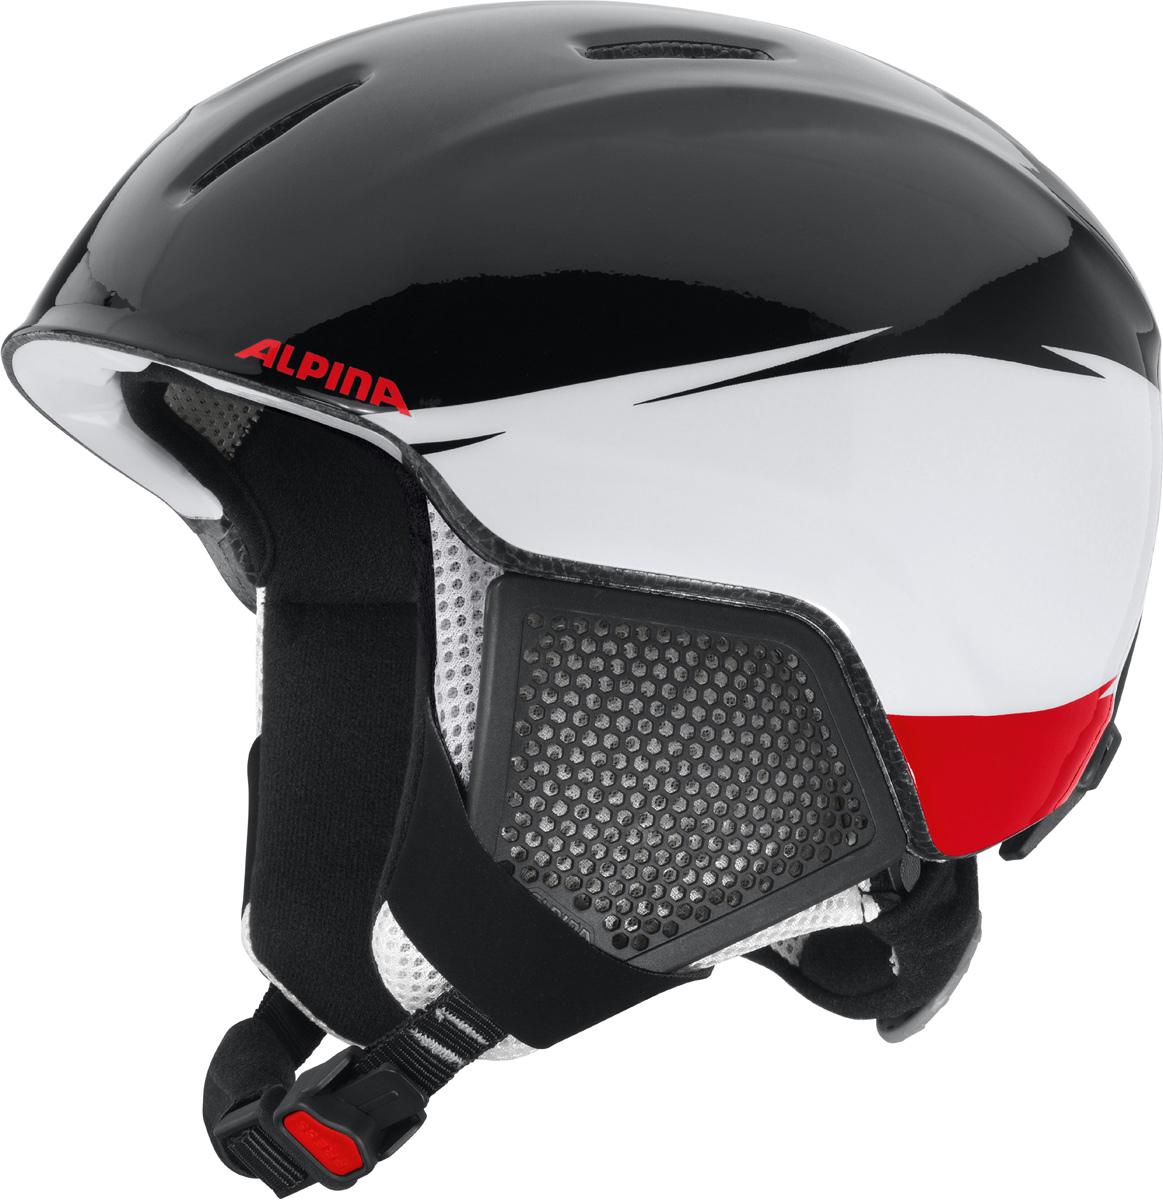 Шлем горнолыжный детский Alpina Carat LX, цвет: черный, белый, красный. A9081_50. Размер 54-58A9081_50Серия детских и подростковых шлемов Carat пополнилась моделью LX. Главным нововведением стало использование перфорации в жестких наушниках, которые по-прежнему обеспечивают высокую степень защиты, но при этом позволяют слышать все вокруг.Вентиляционные отверстия препятствуют перегреву и позволяют поддерживать идеальную температуру внутри шлема. Для этого инженеры Alpina используют эффект Вентури, чтобы сделать циркуляцию воздуха постоянной и максимально эффективной.Внутренник шлема легко вынимается, стирается, сушится и вставляется обратно.Из задней части шлема можно достать шейный утеплитель из мягкого микро-флиса. Этот теплый воротник также защищает шею от ударов на высокой скорости и при сибирских морозах. В удобной конструкции отсутствуют точки давления на шею.Прочная и легкая конструкция In-mold. Тонкая и прочная поликарбонатная оболочка под воздействием высокой температуры и давления буквально сплавляется с гранулами EPS, которые гасят ударную нагрузку.Внутренняя оболочка каждого шлема Alpina состоит из гранул HI-EPS (сильно вспененного полистирола). Микроскопические воздушные карманы эффективно поглощают ударную нагрузку и обеспечивают высокую теплоизоляцию. Эта технология позволяет достичь минимальной толщины оболочки. А так как гранулы HI-EPS не впитывают влагу, их защитный эффект не ослабевает со временем.Удобная и точная система регулировки Run System Ergo Snow позволяет быстро и комфортно подогнать шлем по голове, без создания отдельных точек избыточного давления.Y-образный ремнераспределитель двух ремешков находится под ухом и обеспечивает быструю и точную посадку шлема на голове.Вместо фастекса на ремешке используется красная кнопка с автоматическим запирающим механизмом, которую легко использовать даже в лыжных перчатках. Механизм защищён от произвольного раскрытия при падении.